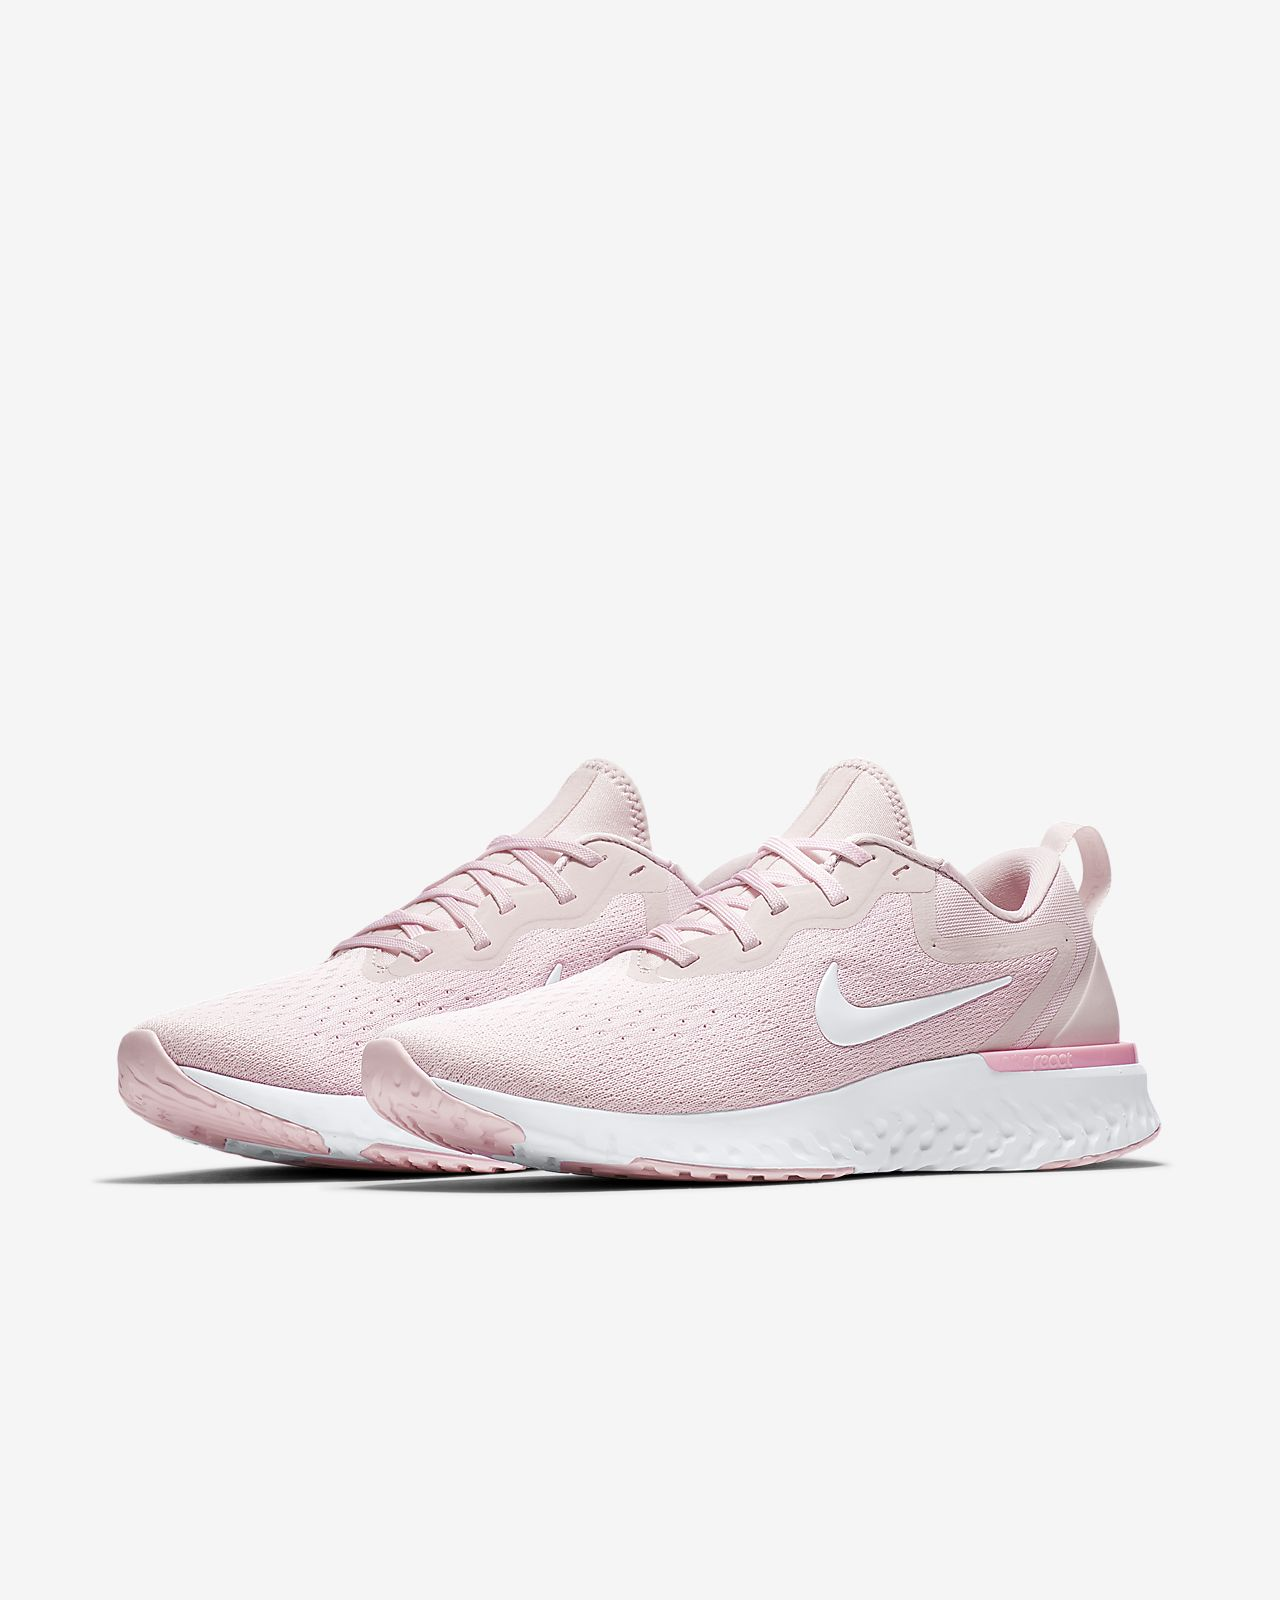 2361282f59662 Nike Odyssey React Women s Running Shoe. Nike.com IN